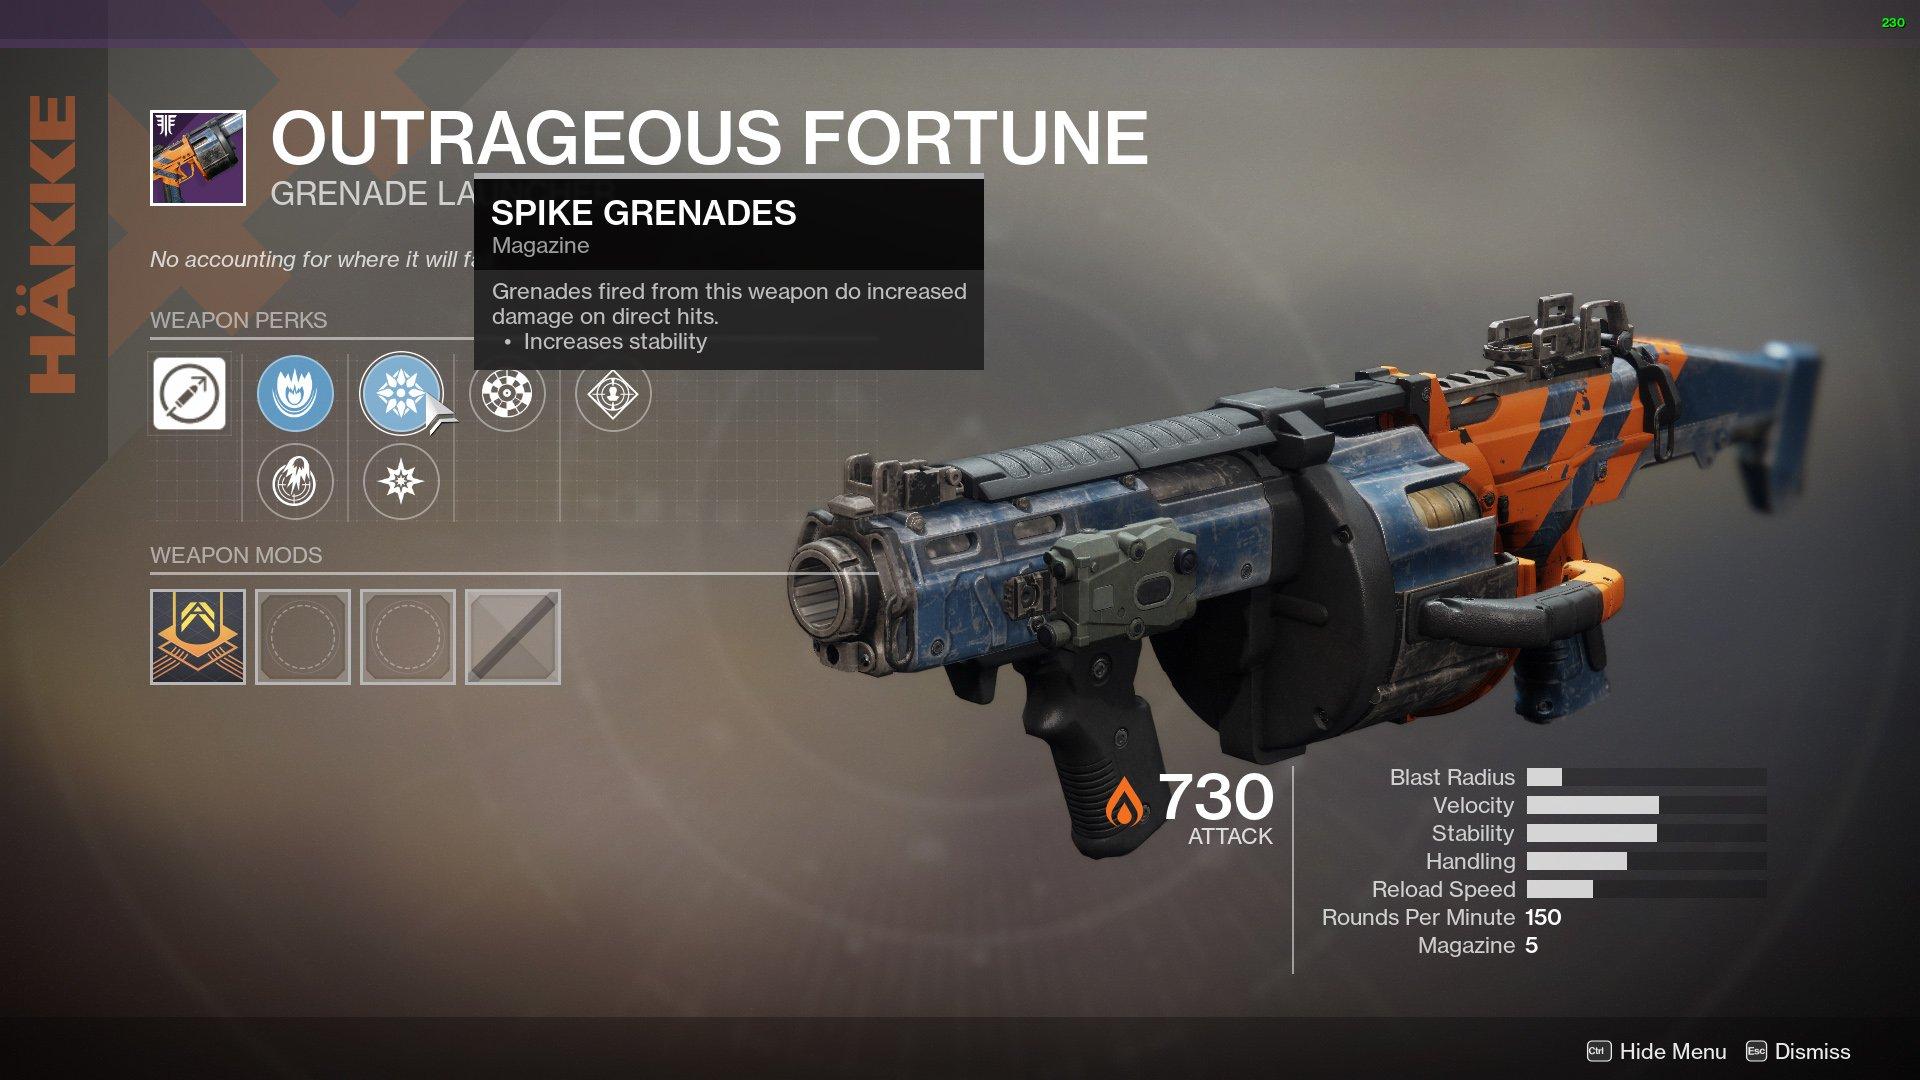 Outrageous Fortune Destiny 2